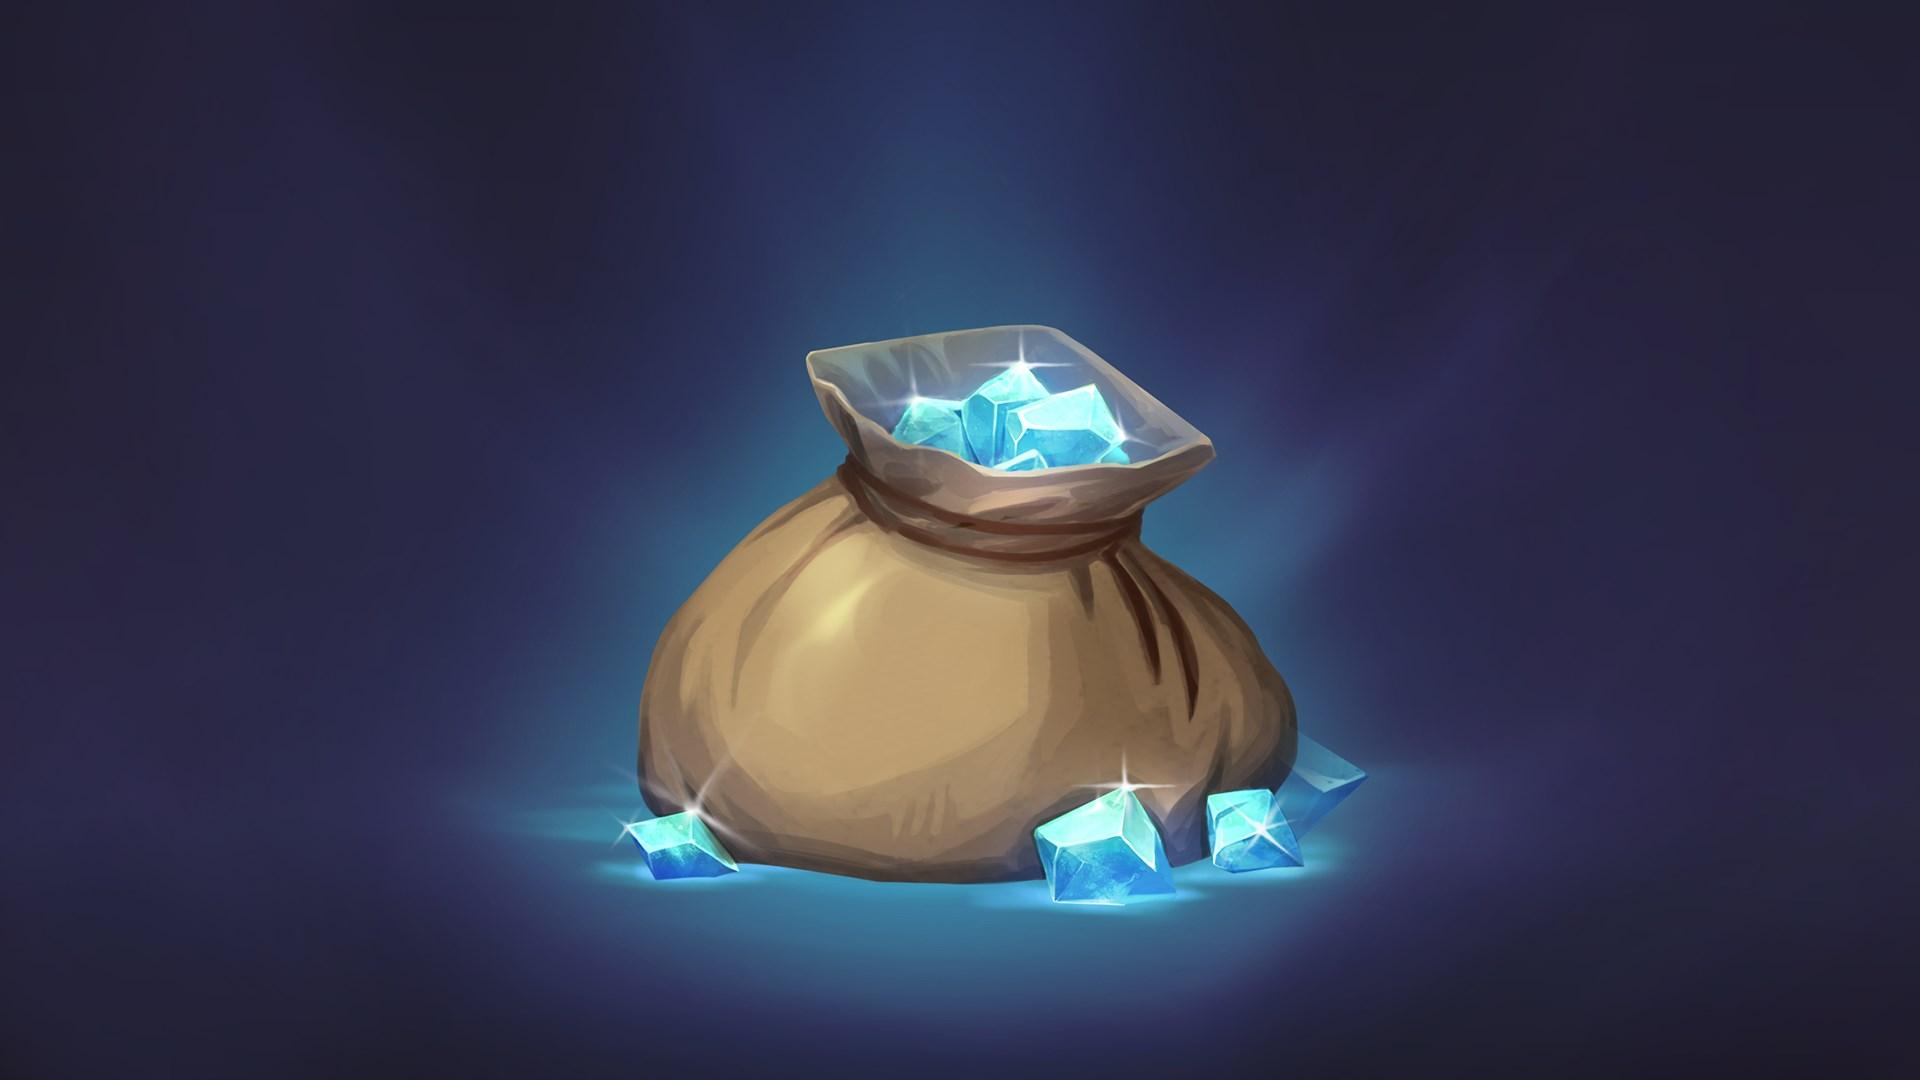 800 Paladins Crystals